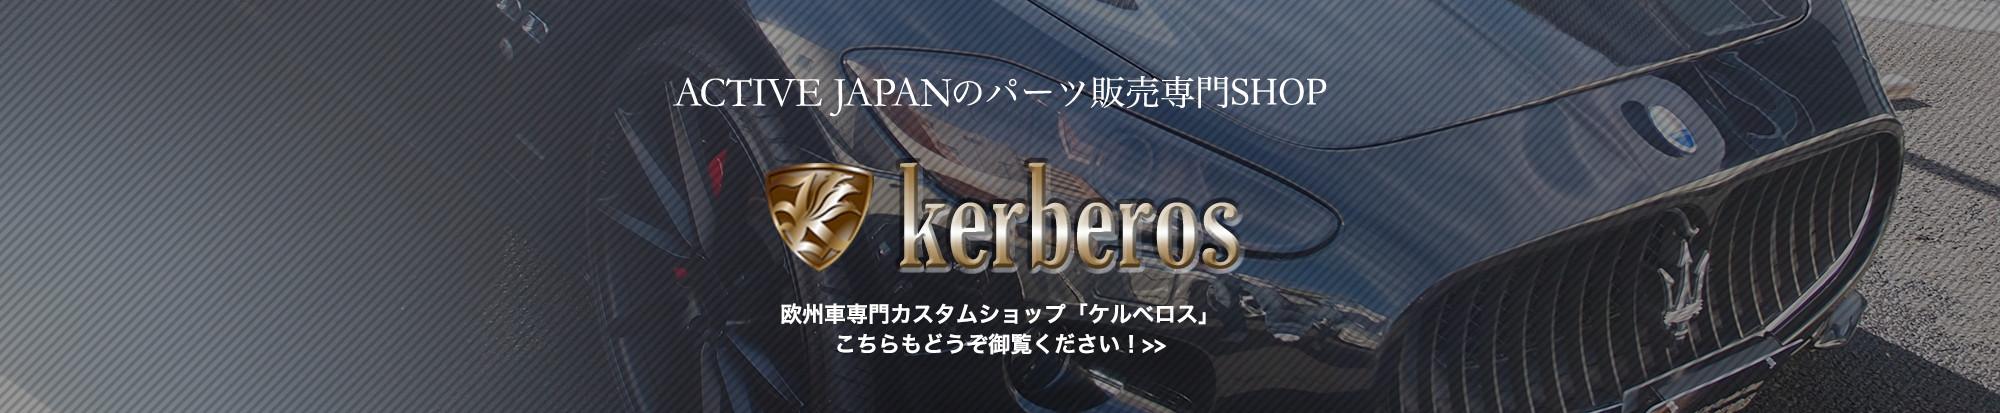 アクティブジャパンのパーツ販売専門ショップ kerberos